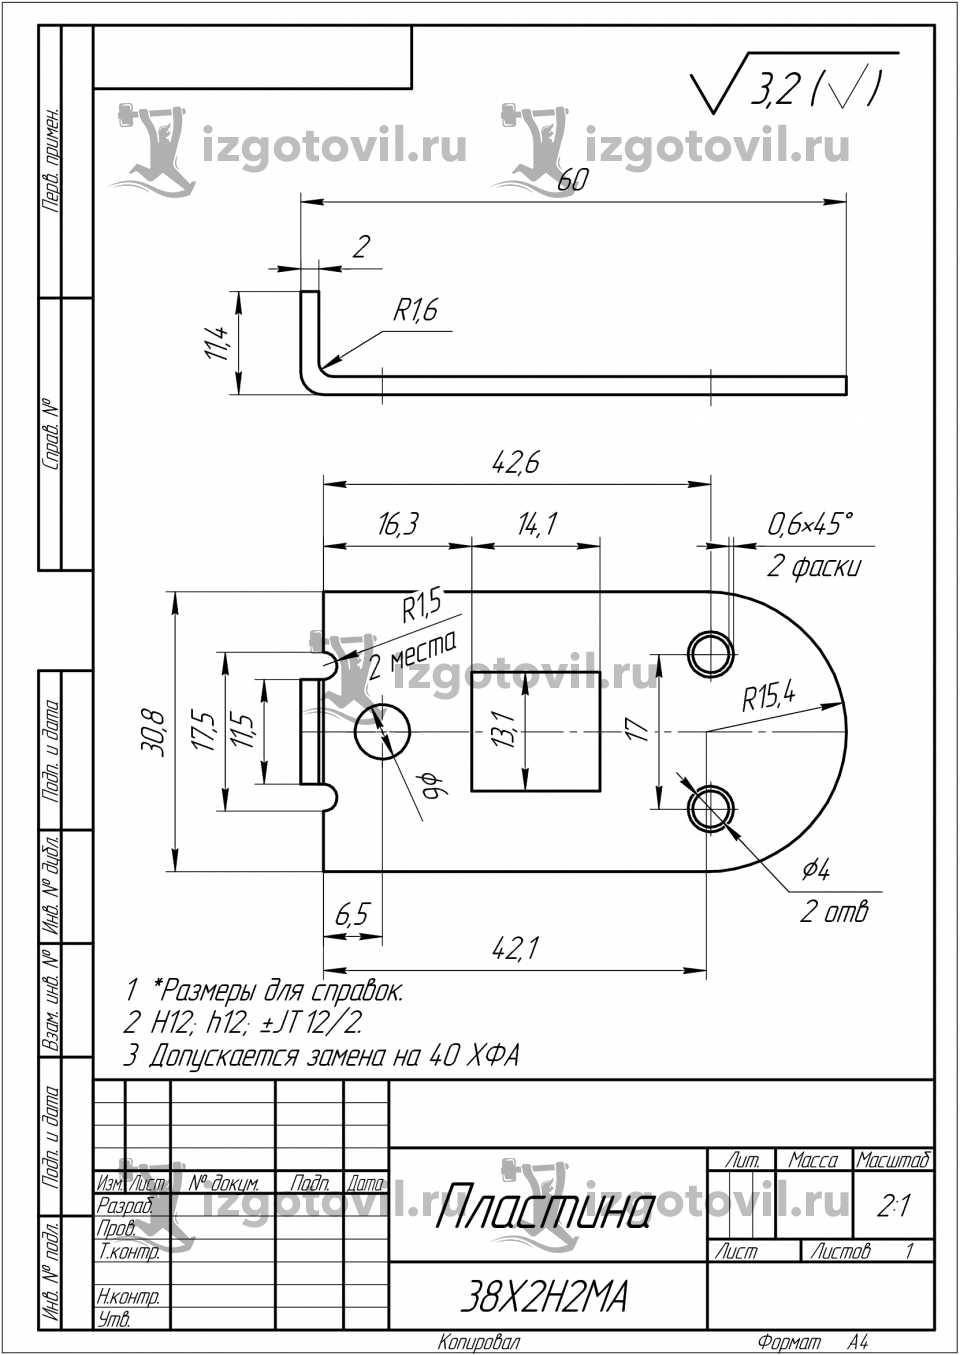 Фрезеровка металла - изготовить колодки